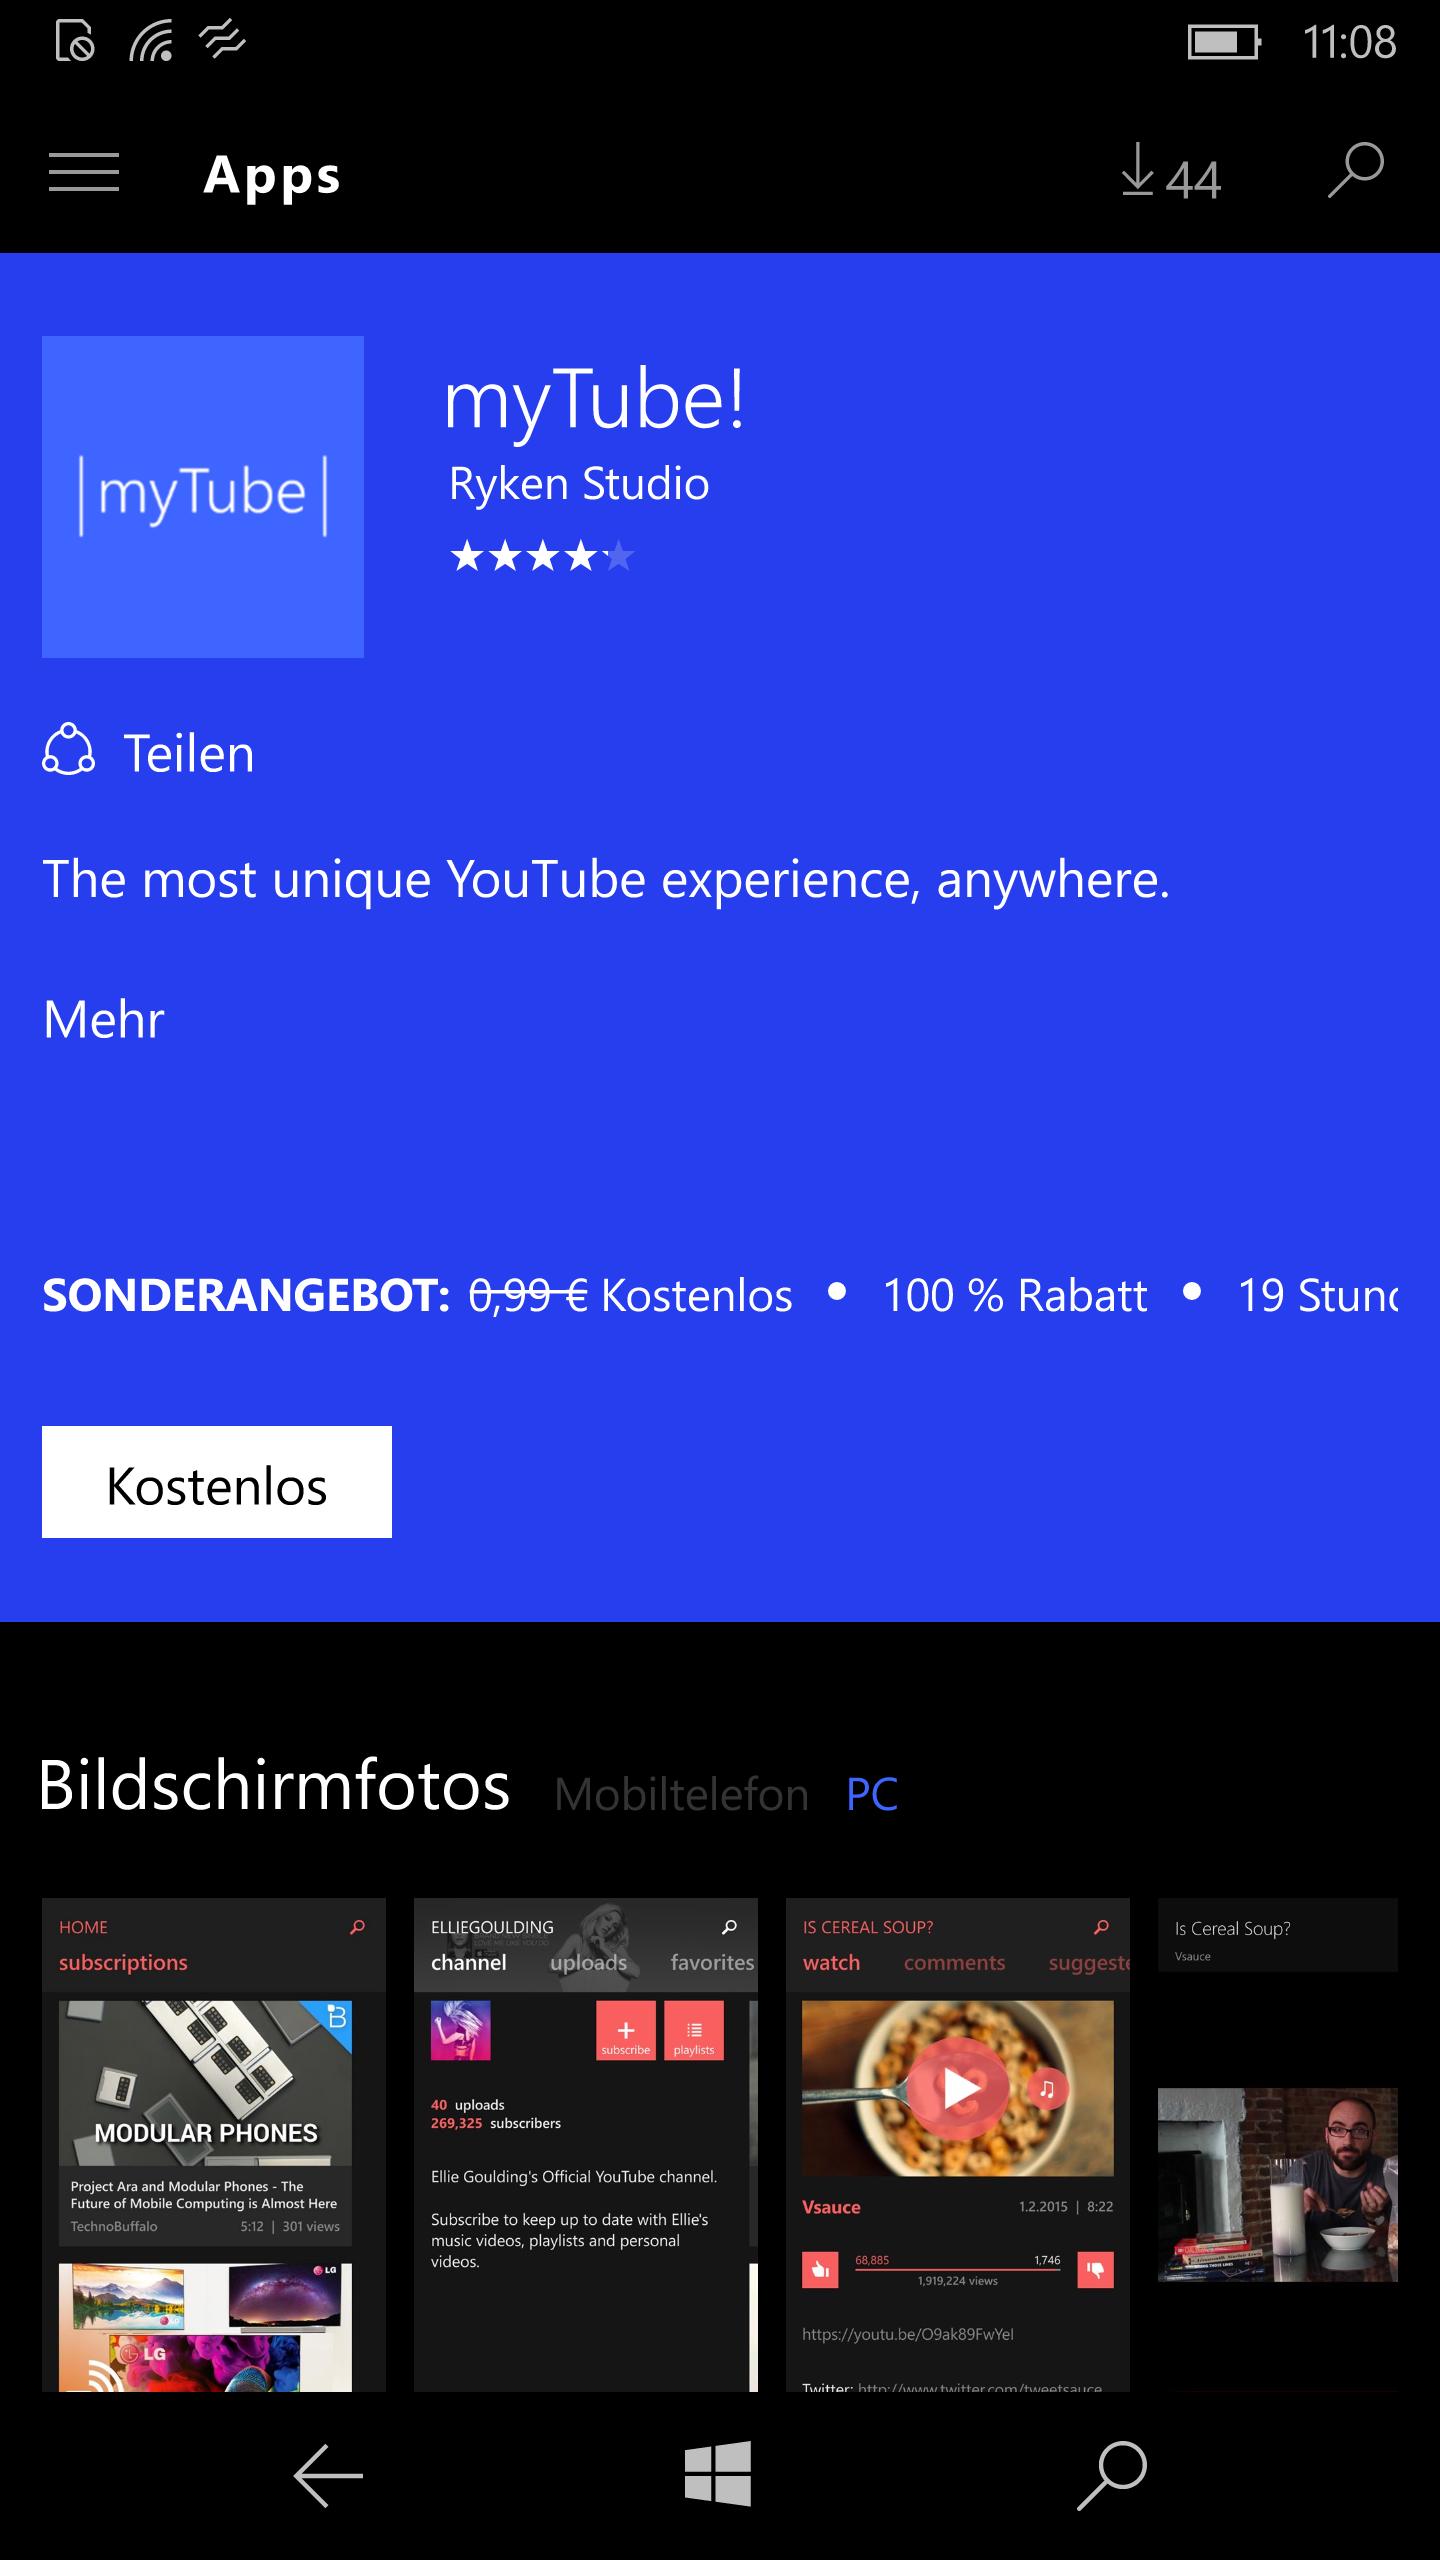 myTube! kostenfrei für Windows 10 Mobile